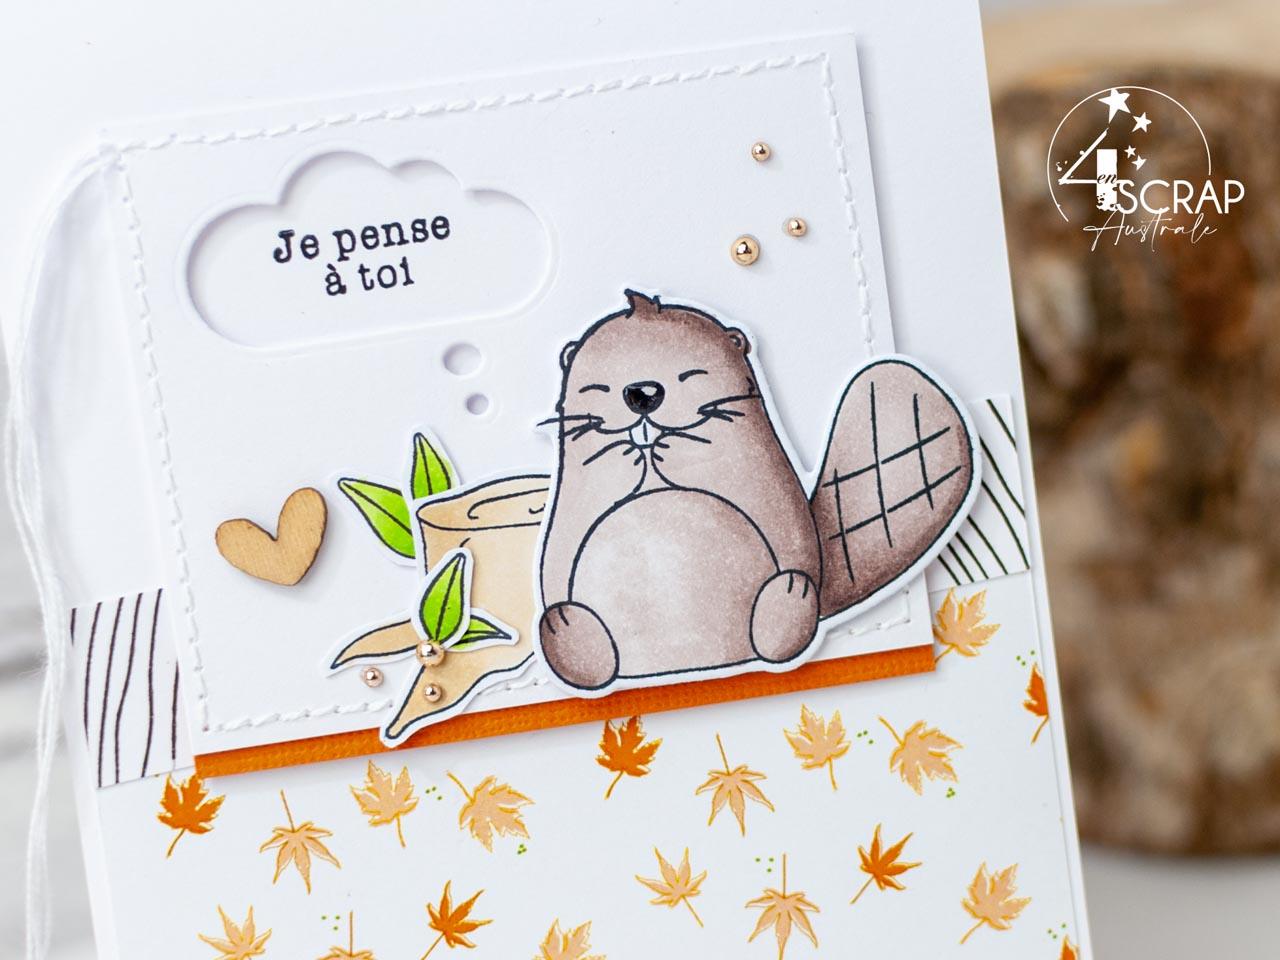 Création de cartes automnales avec d'adorables castors, feuillages et bulle BD.